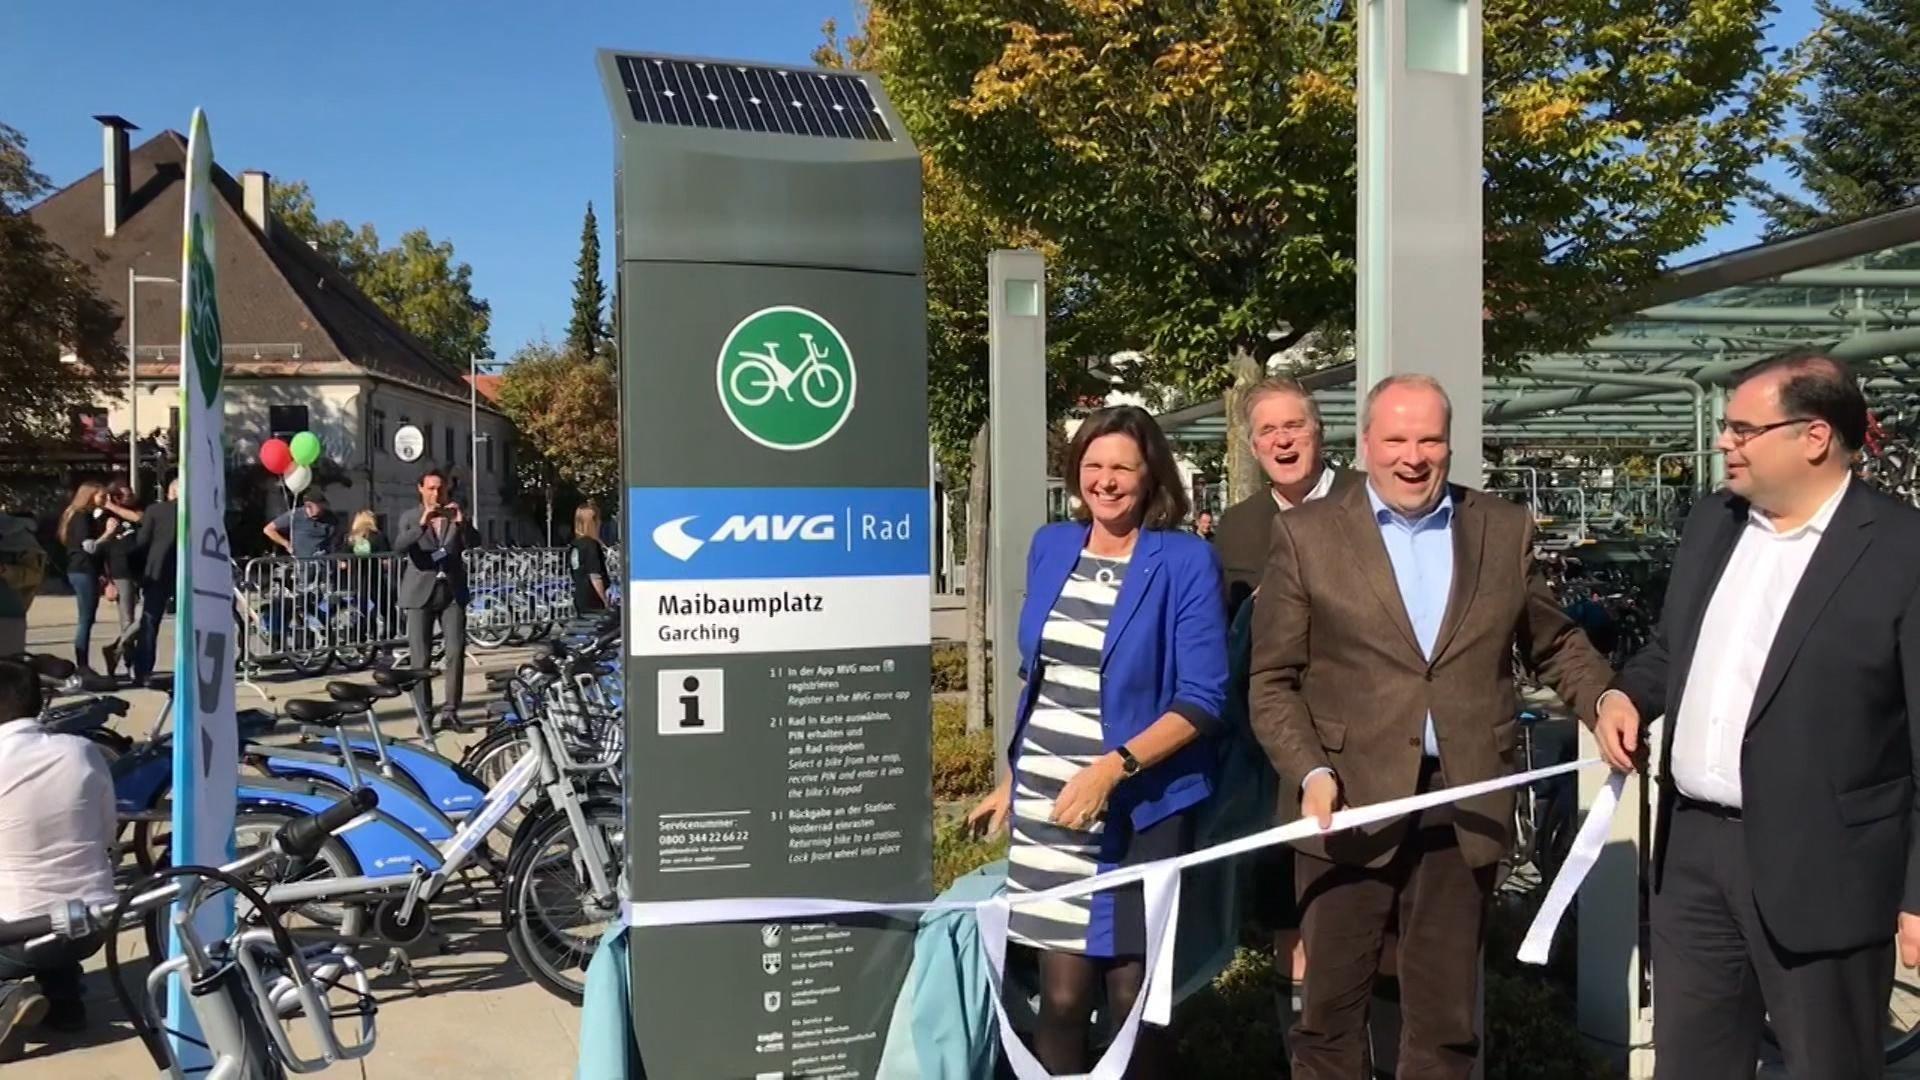 Eröffnung der MVG-Radstation in Garching vergangenen Oktober